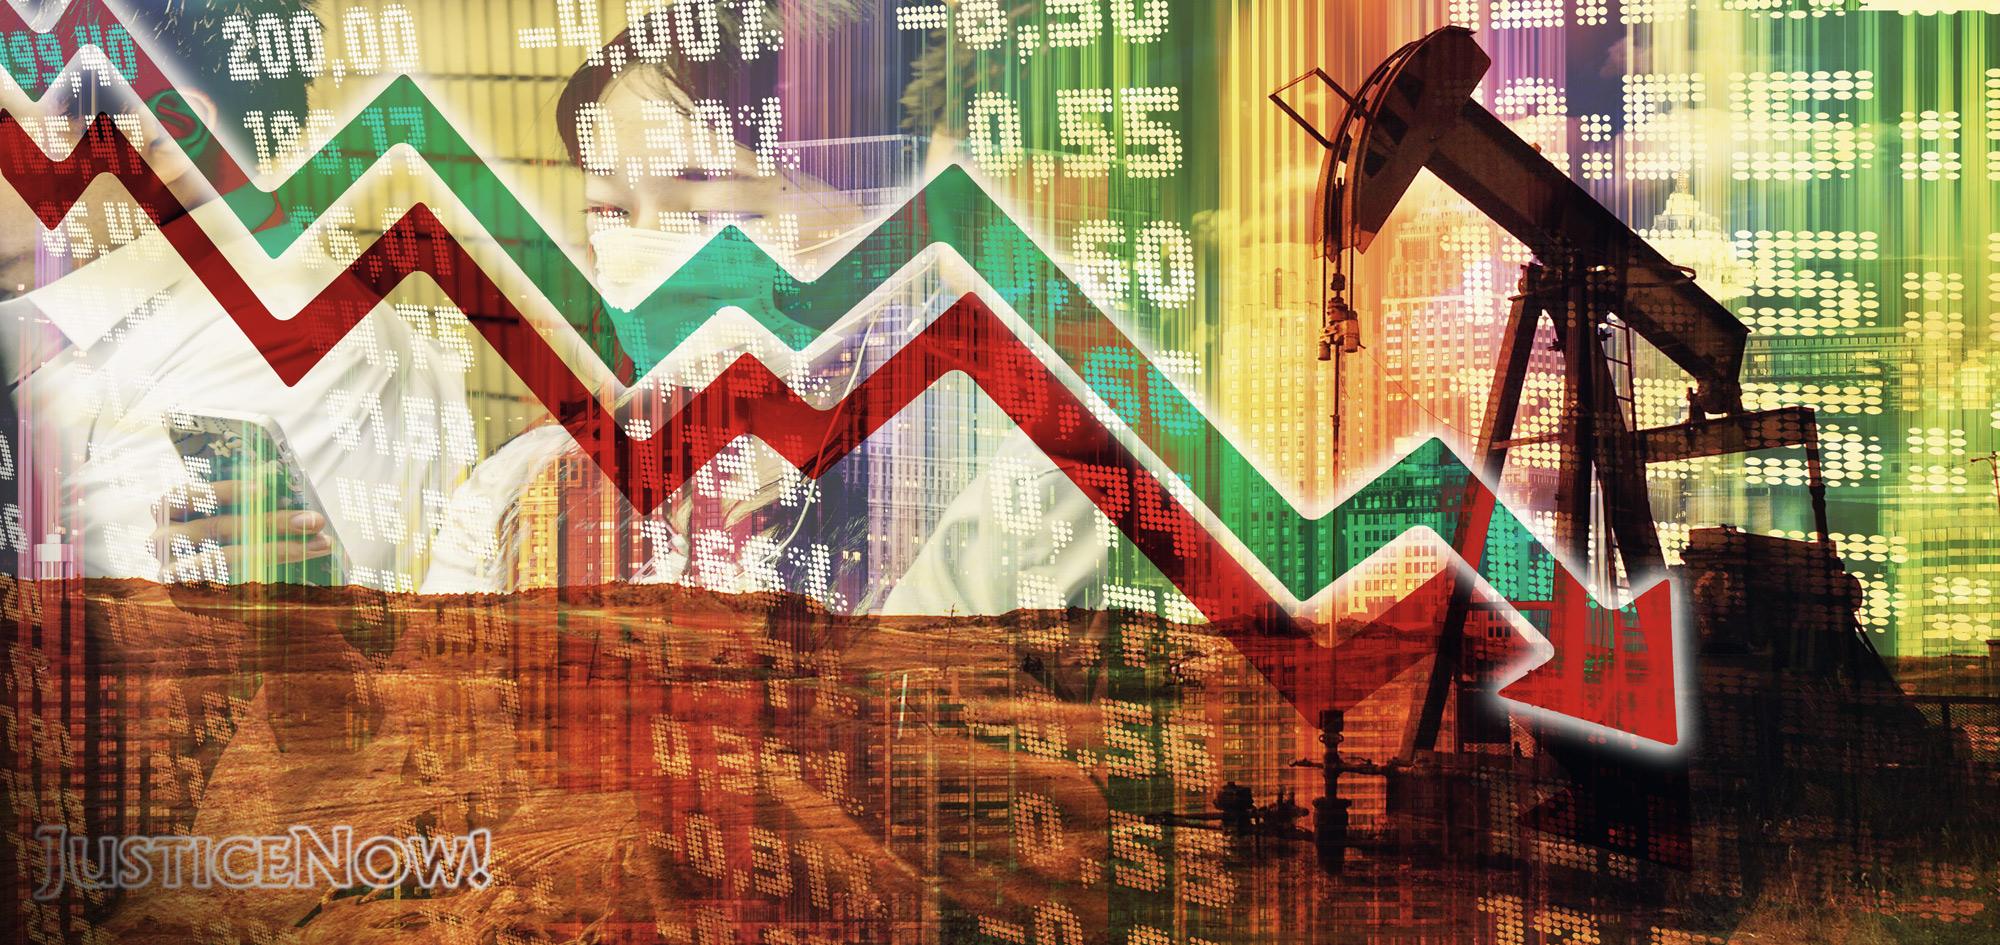 Warum sind die US-Ölpreise ins Negative abgestürzt? <br>  <span id='sec-title'>Zum ersten Mal in der Geschichte negative Preise</span>